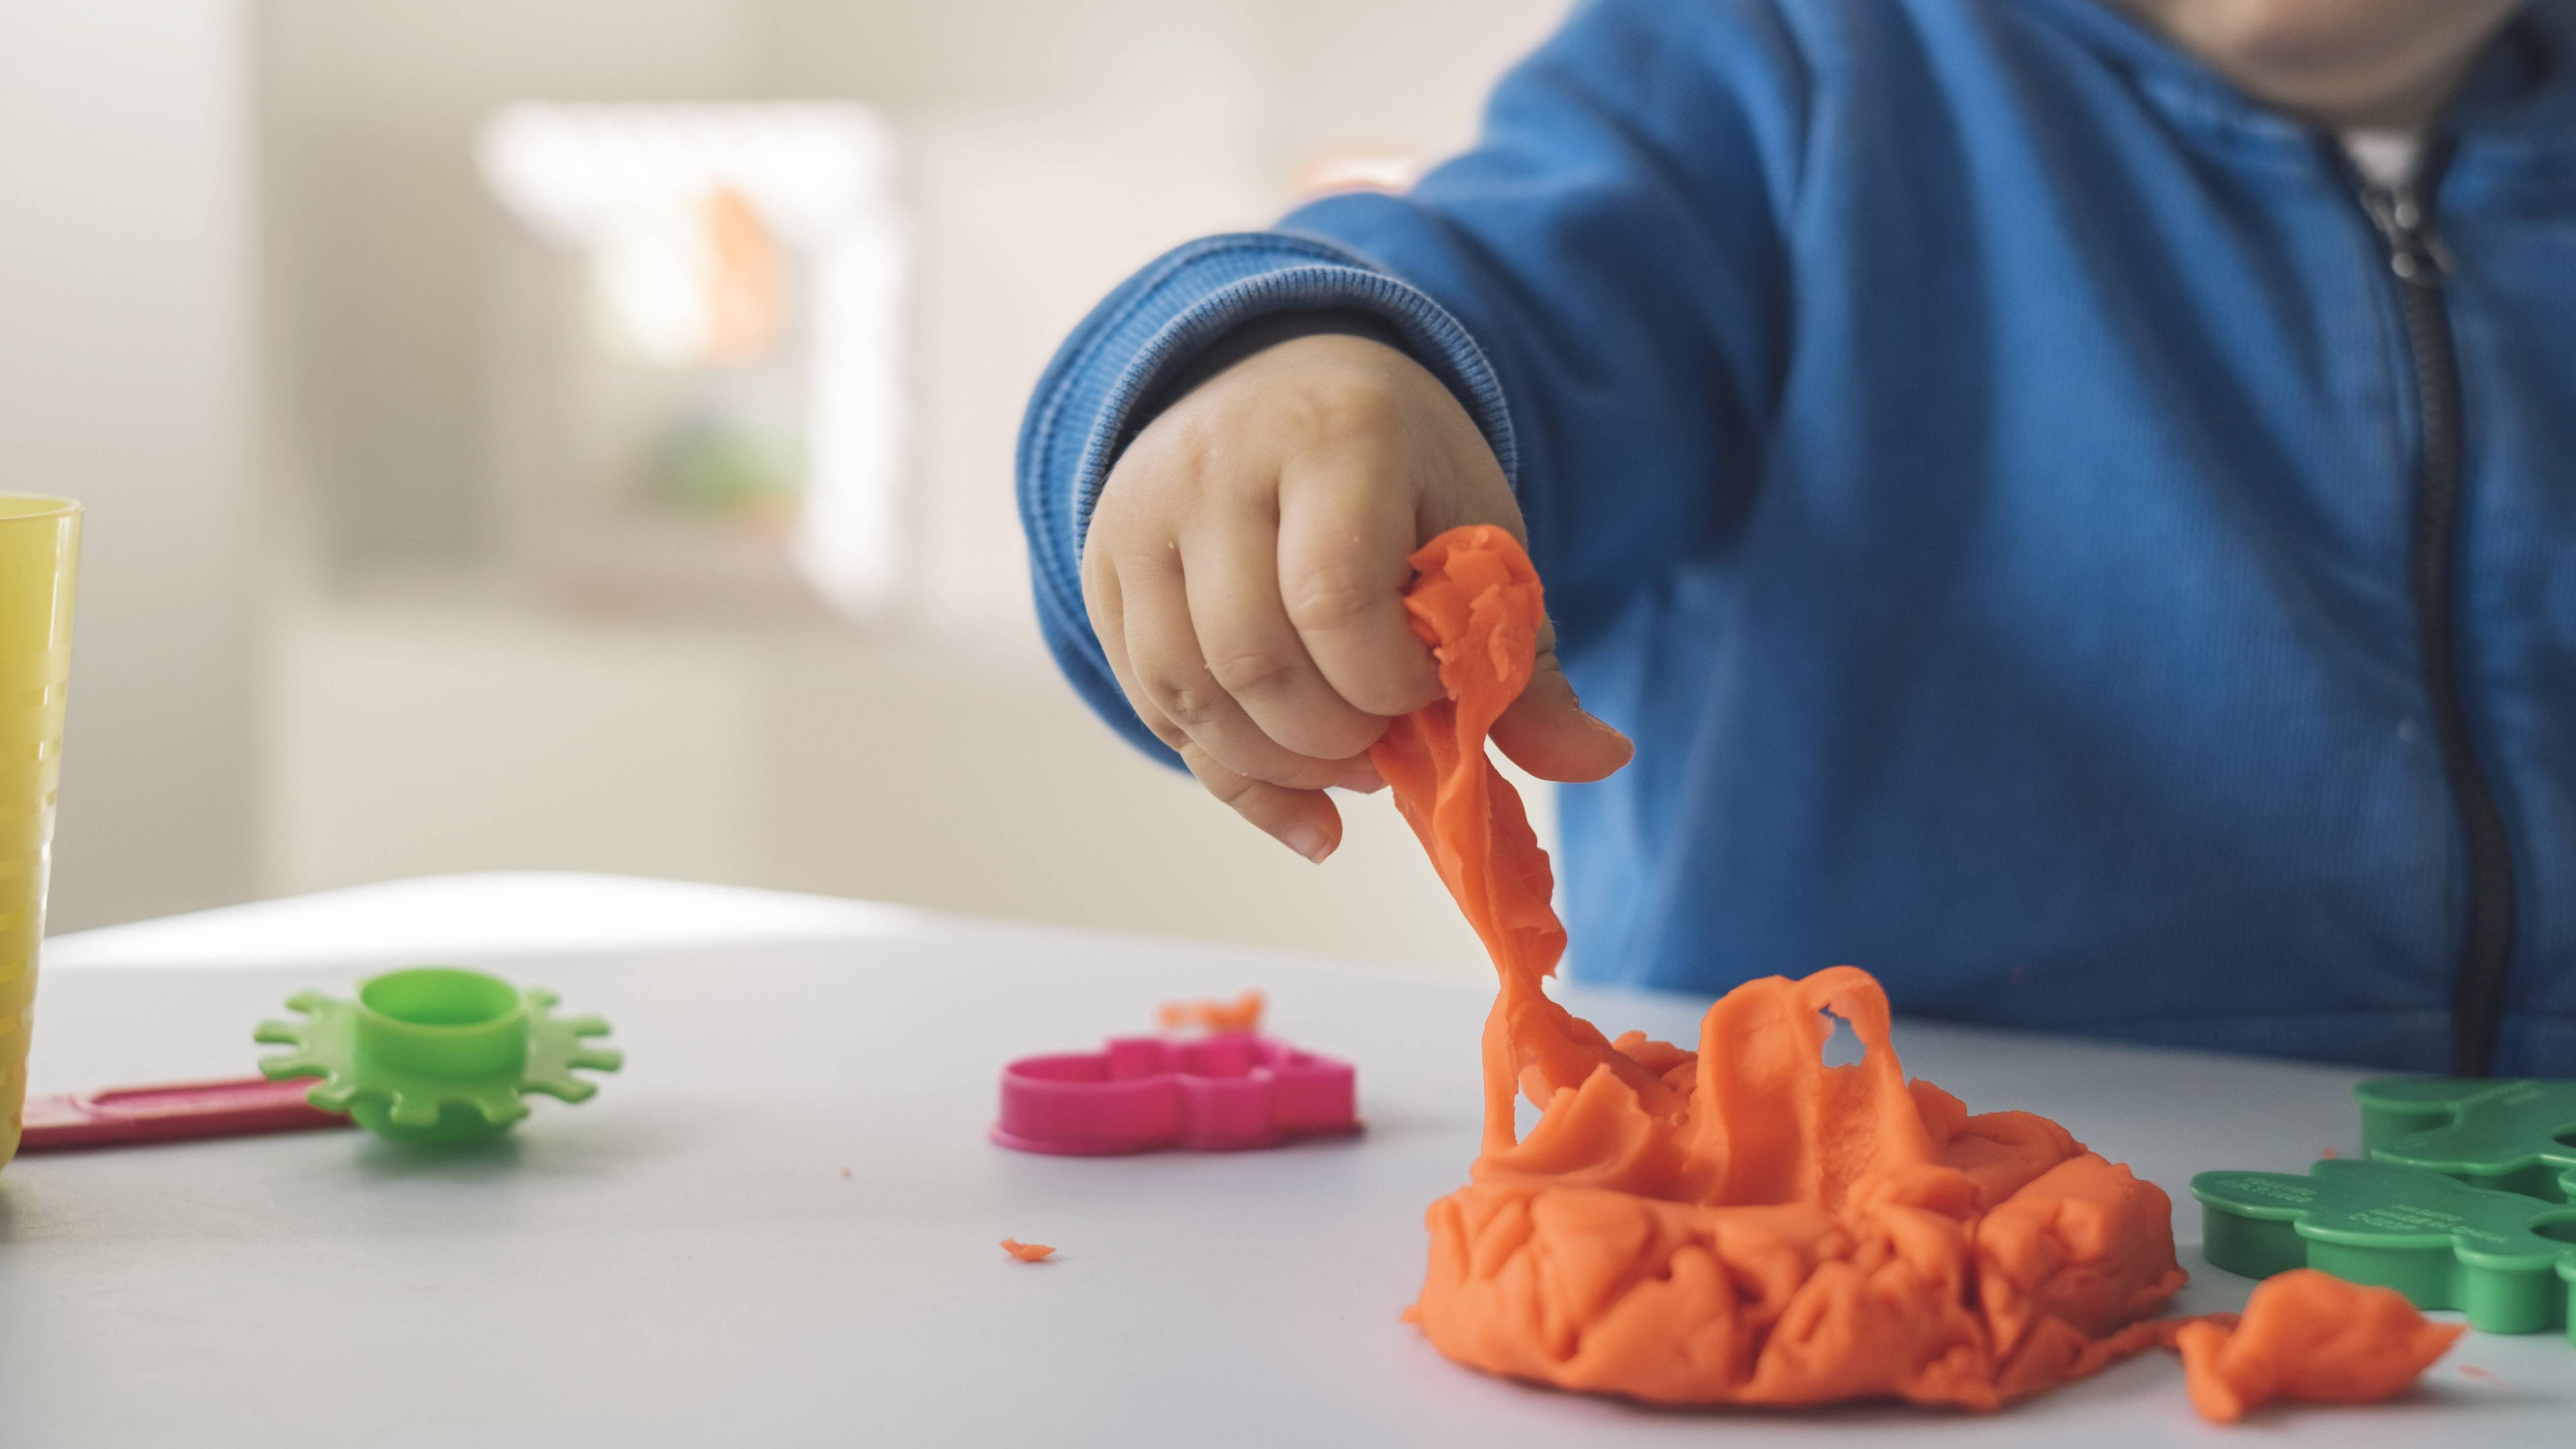 Beschäftigen Sie Kinder zuhause mit selbst gemachter Knete.